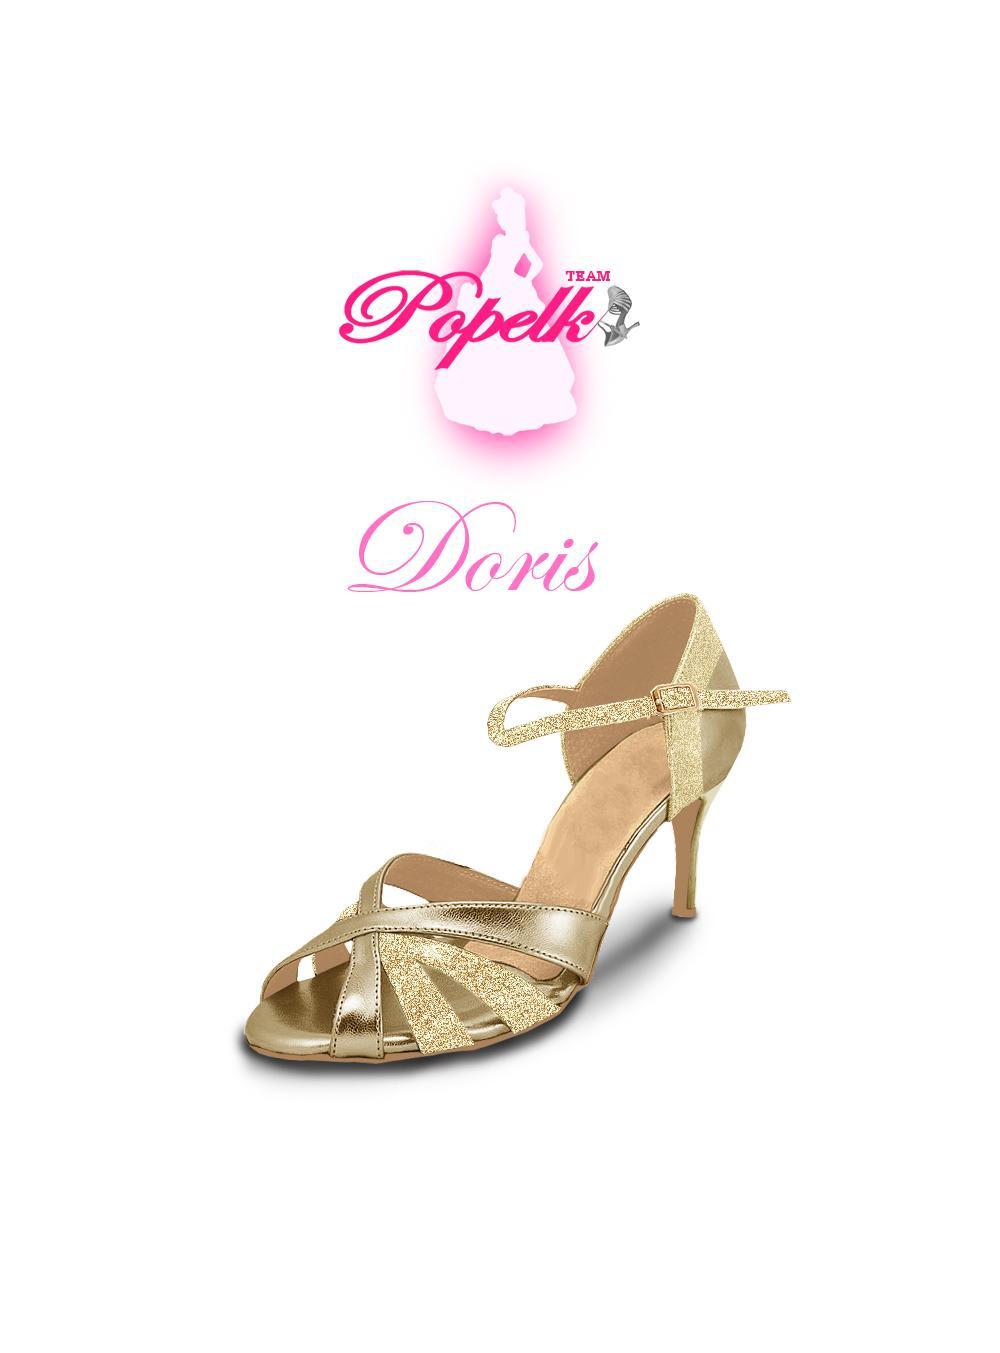 Svadobné topánky navrhni a uprav si ich podľa seba - inšpirácie zlatá - Obrázok č. 64